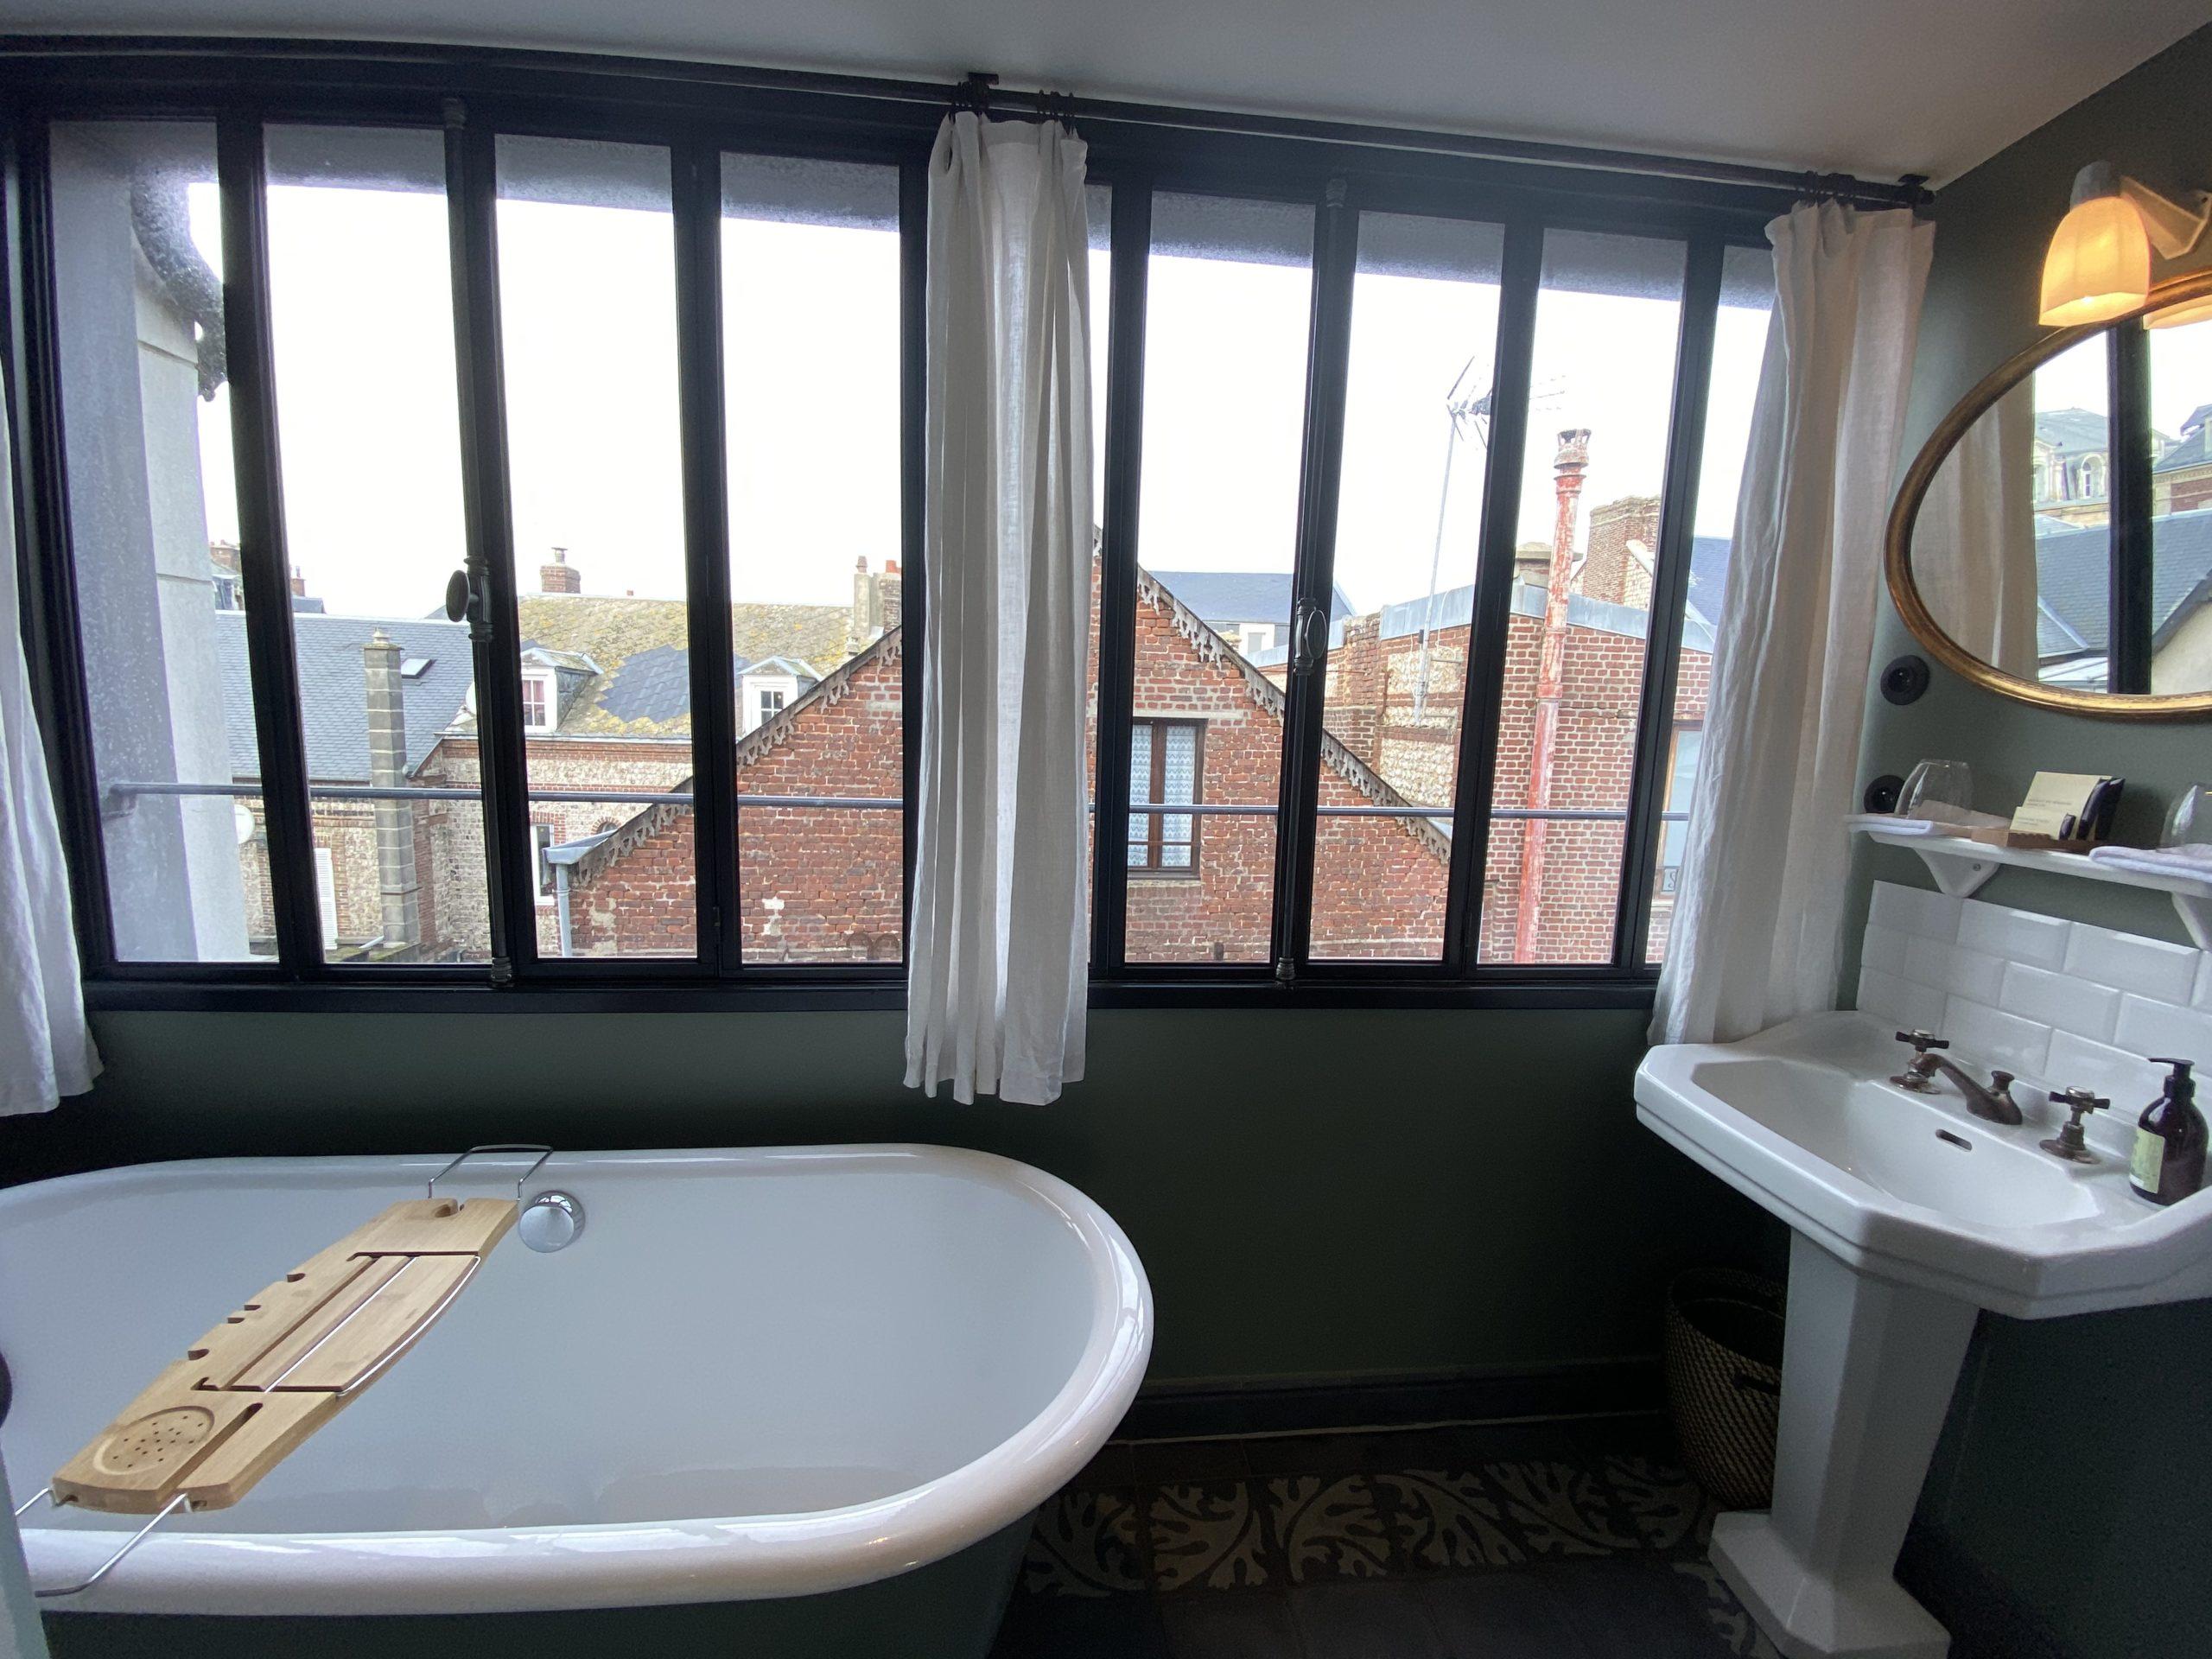 Chambre privée - lit double - Salle de bain privée